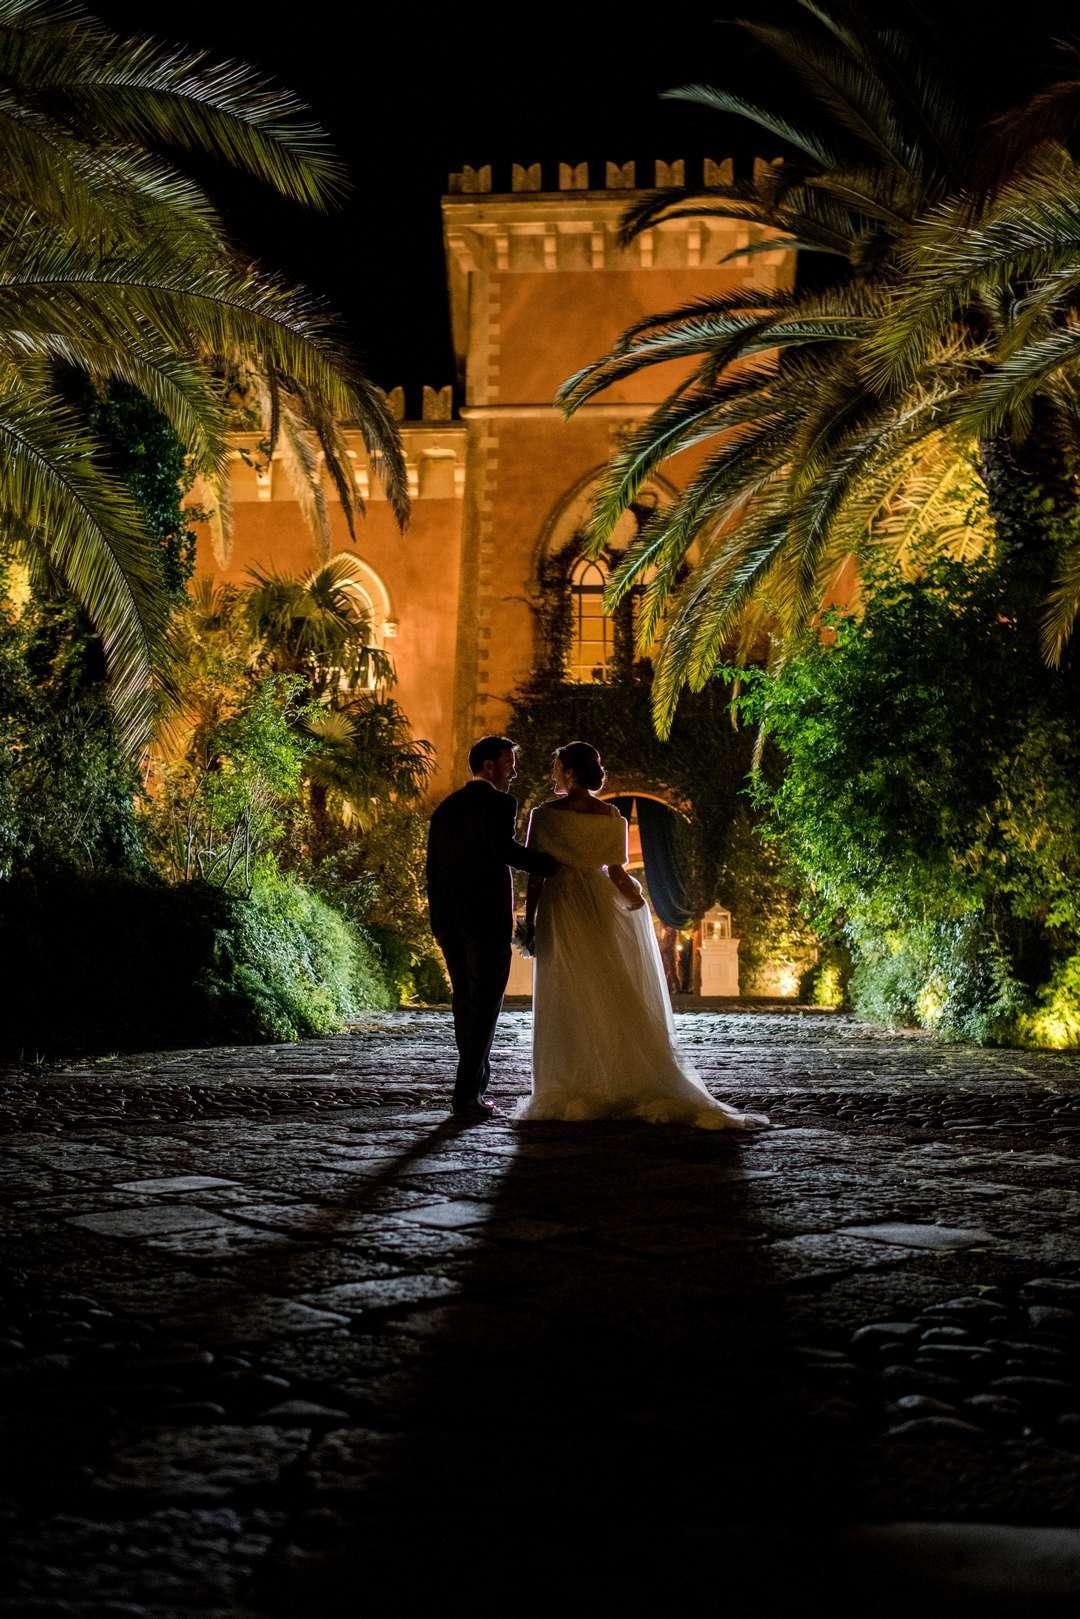 fotografi sicilia